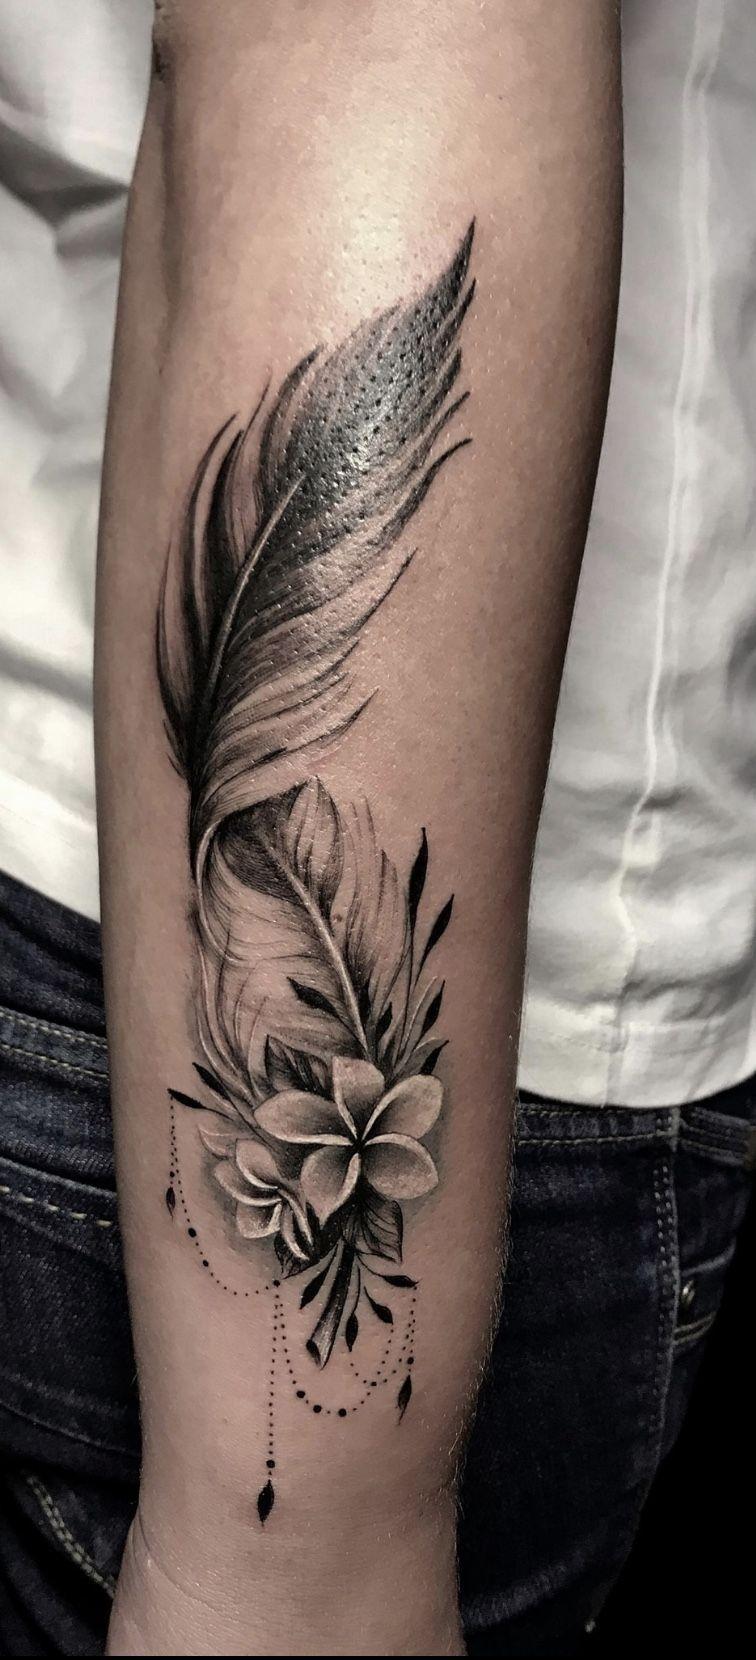 Cool looking arm tattoo | Tattoomagz.com › Tattoo Designs / Ink-Works Gallery › Tattoo Designs